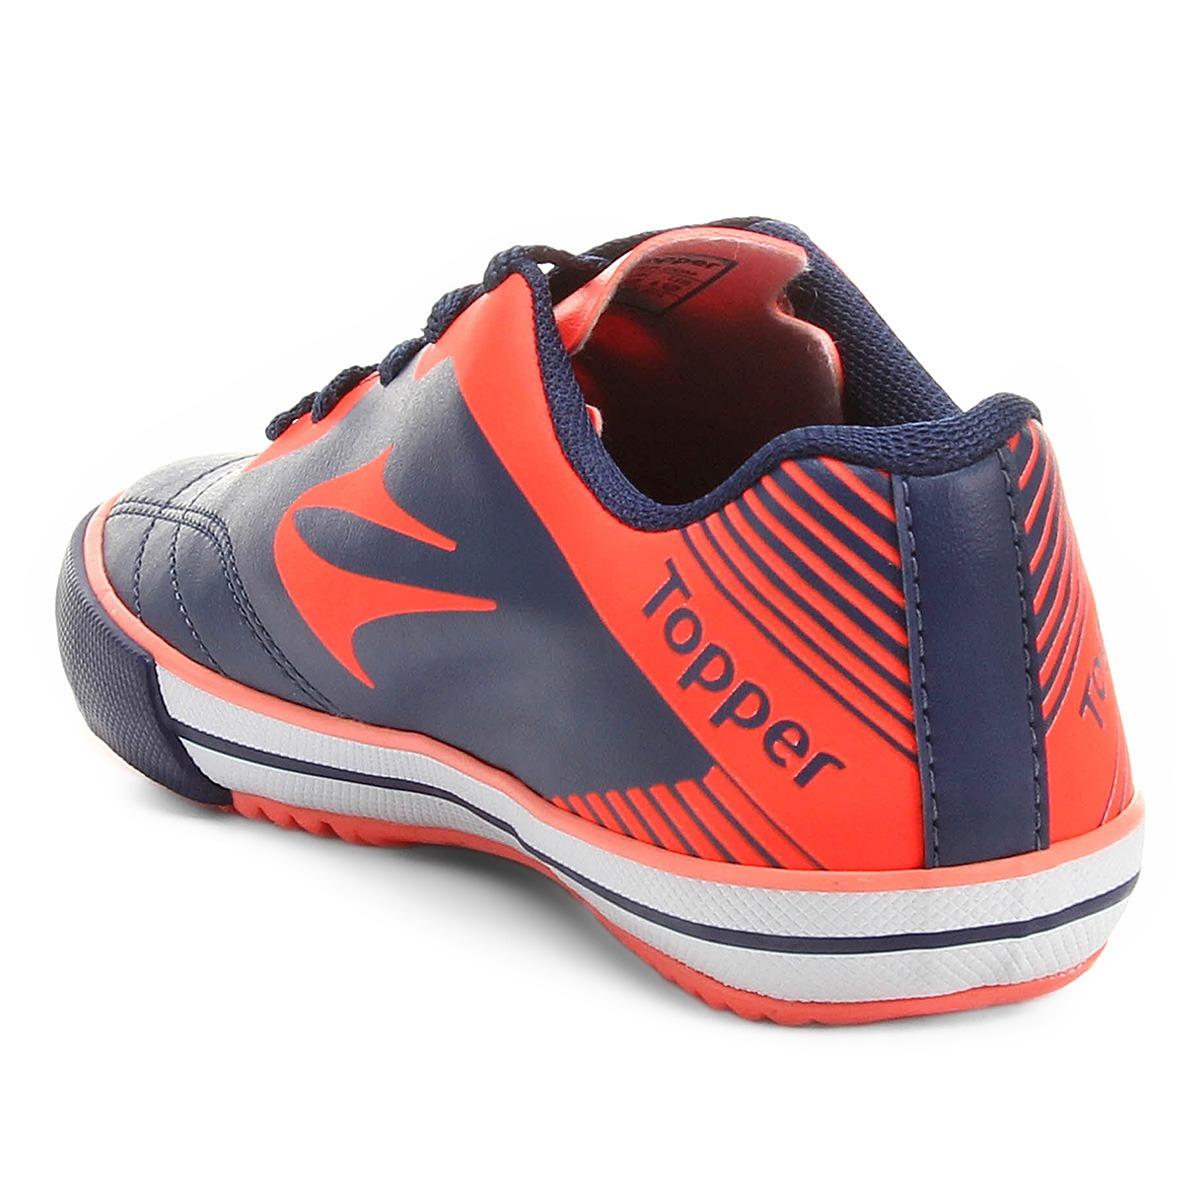 Tenis Topper Futsal 02 2018 Frontier 8 Mho fluor bco - R  89 f9d20600ed215